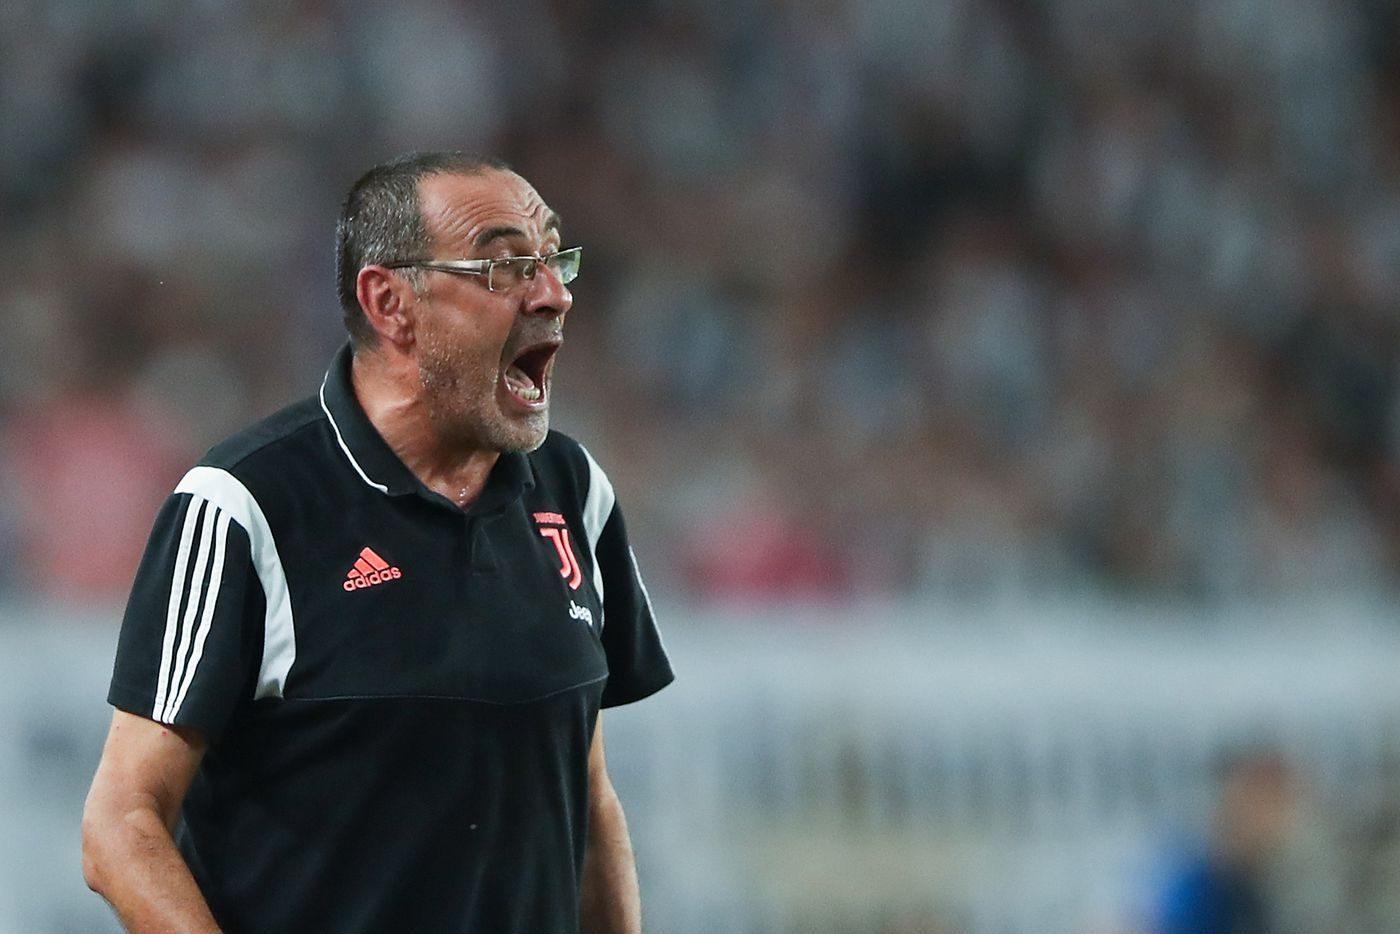 Sari: Očekivao sam manje od Juventusa